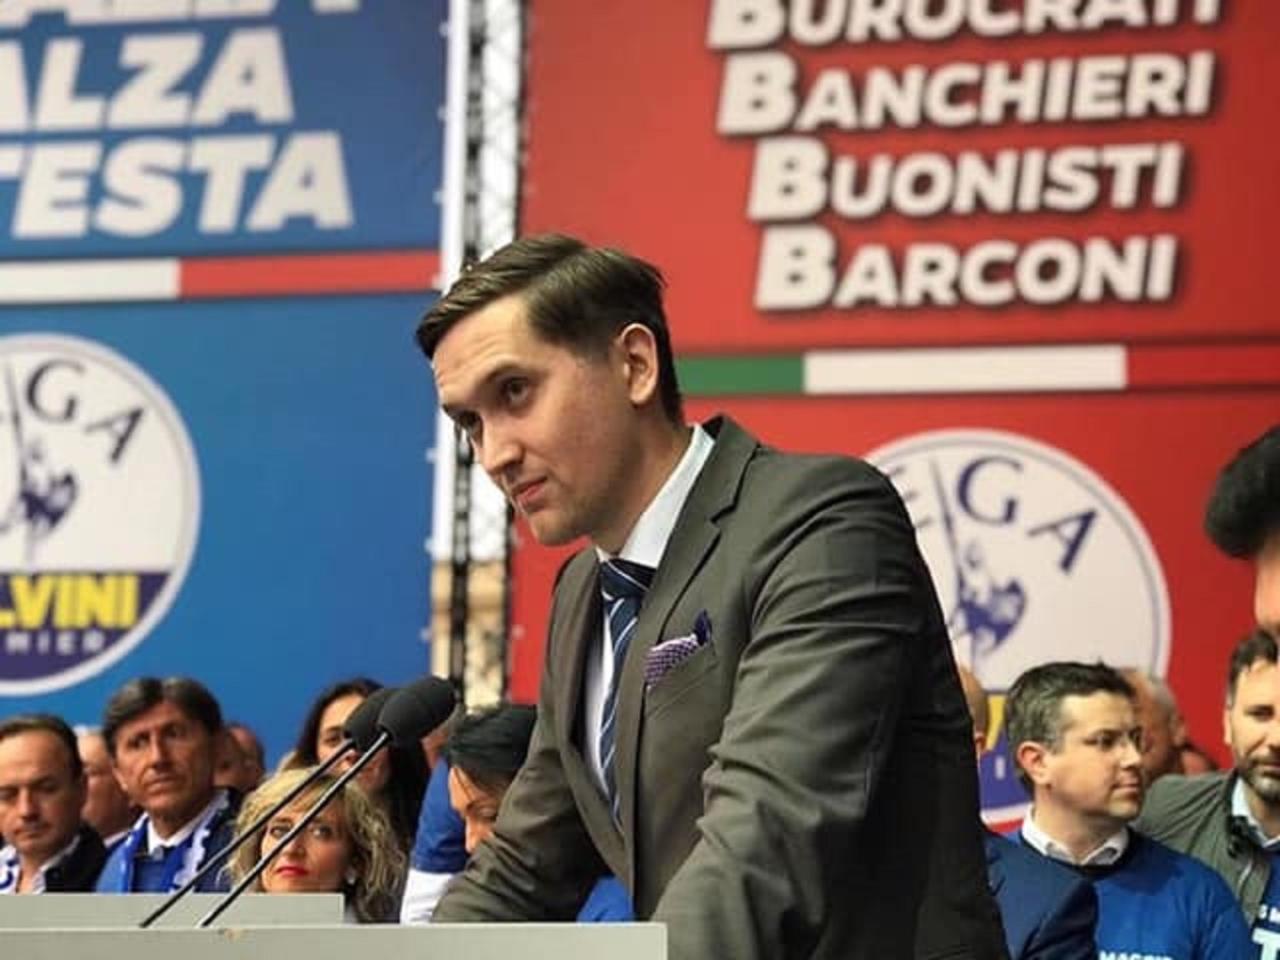 EKRE kandidaat Euroopa Parlamenti Jaak Madison pidas Milanos rahvusmeelsete miitingul kõne